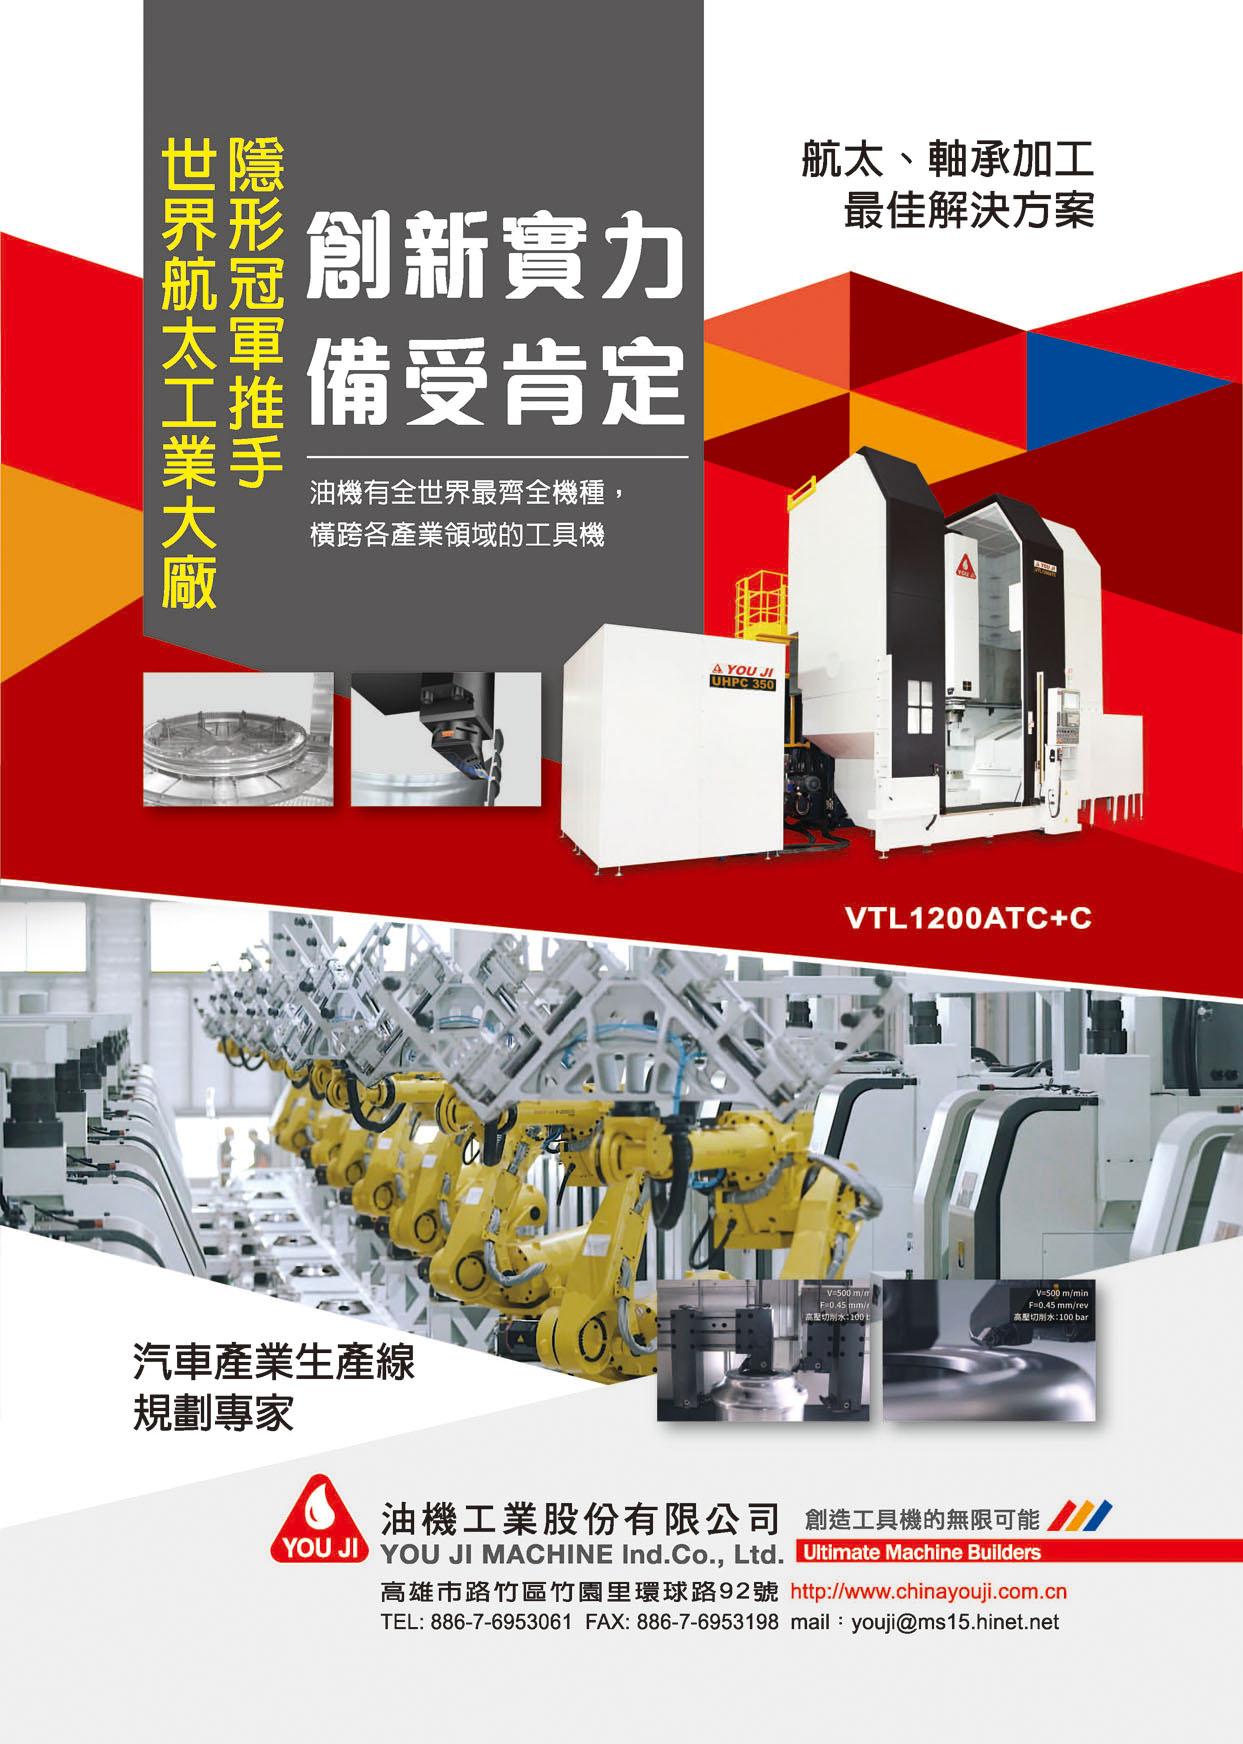 台湾机械制造厂商名录中文版 油机工业股份有限公司